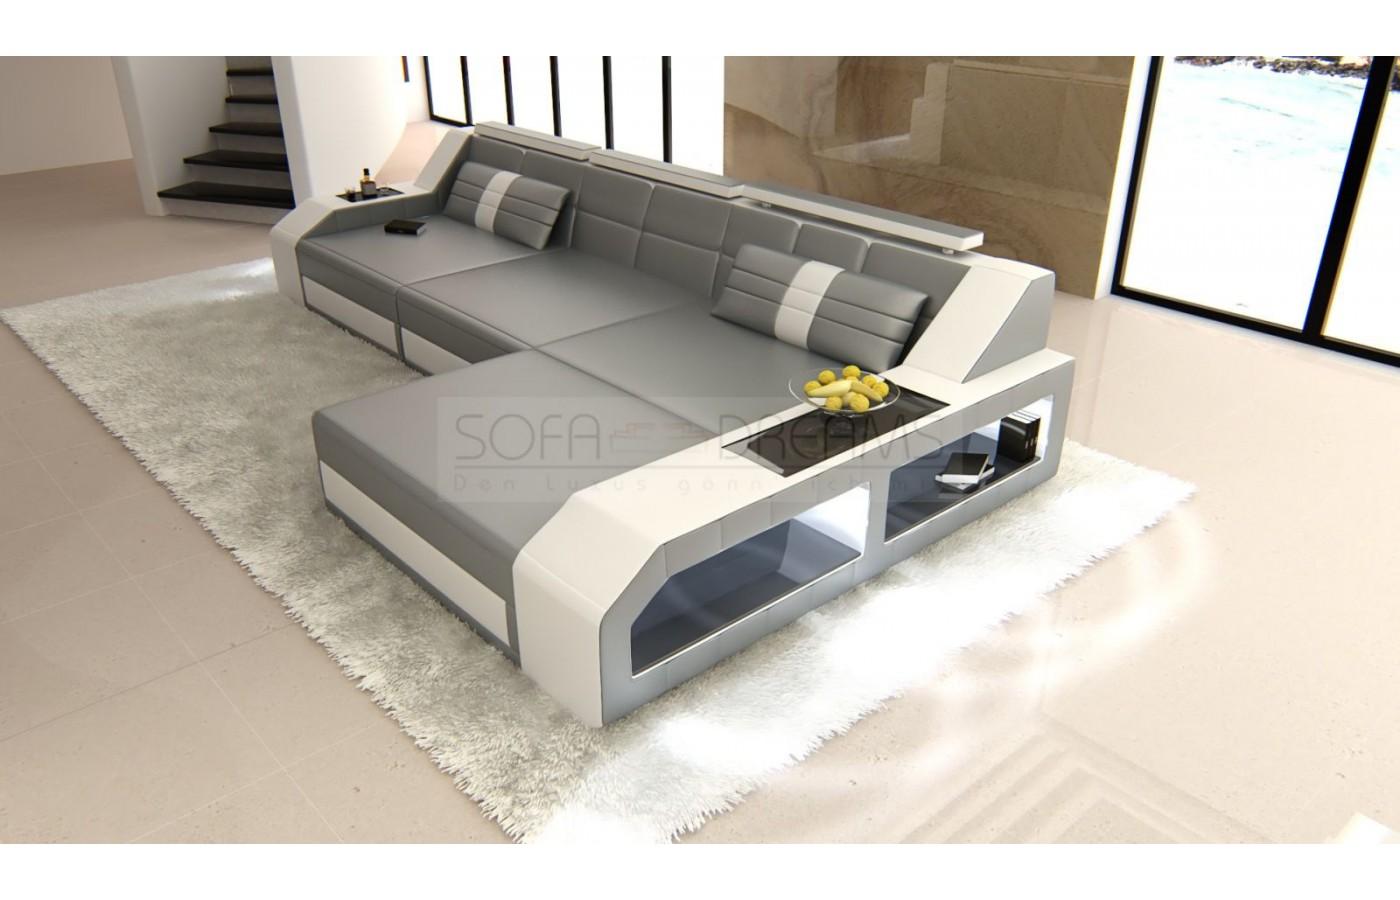 Full Size of Günstiges Sofa Wohnzimmer Couch Gnstig Home Design Freistil Kunstleder Landhaus Benz Mit Bettkasten Verkaufen Sitzhöhe 55 Cm Eck Bezug Ecksofa Ottomane Sofa Günstiges Sofa